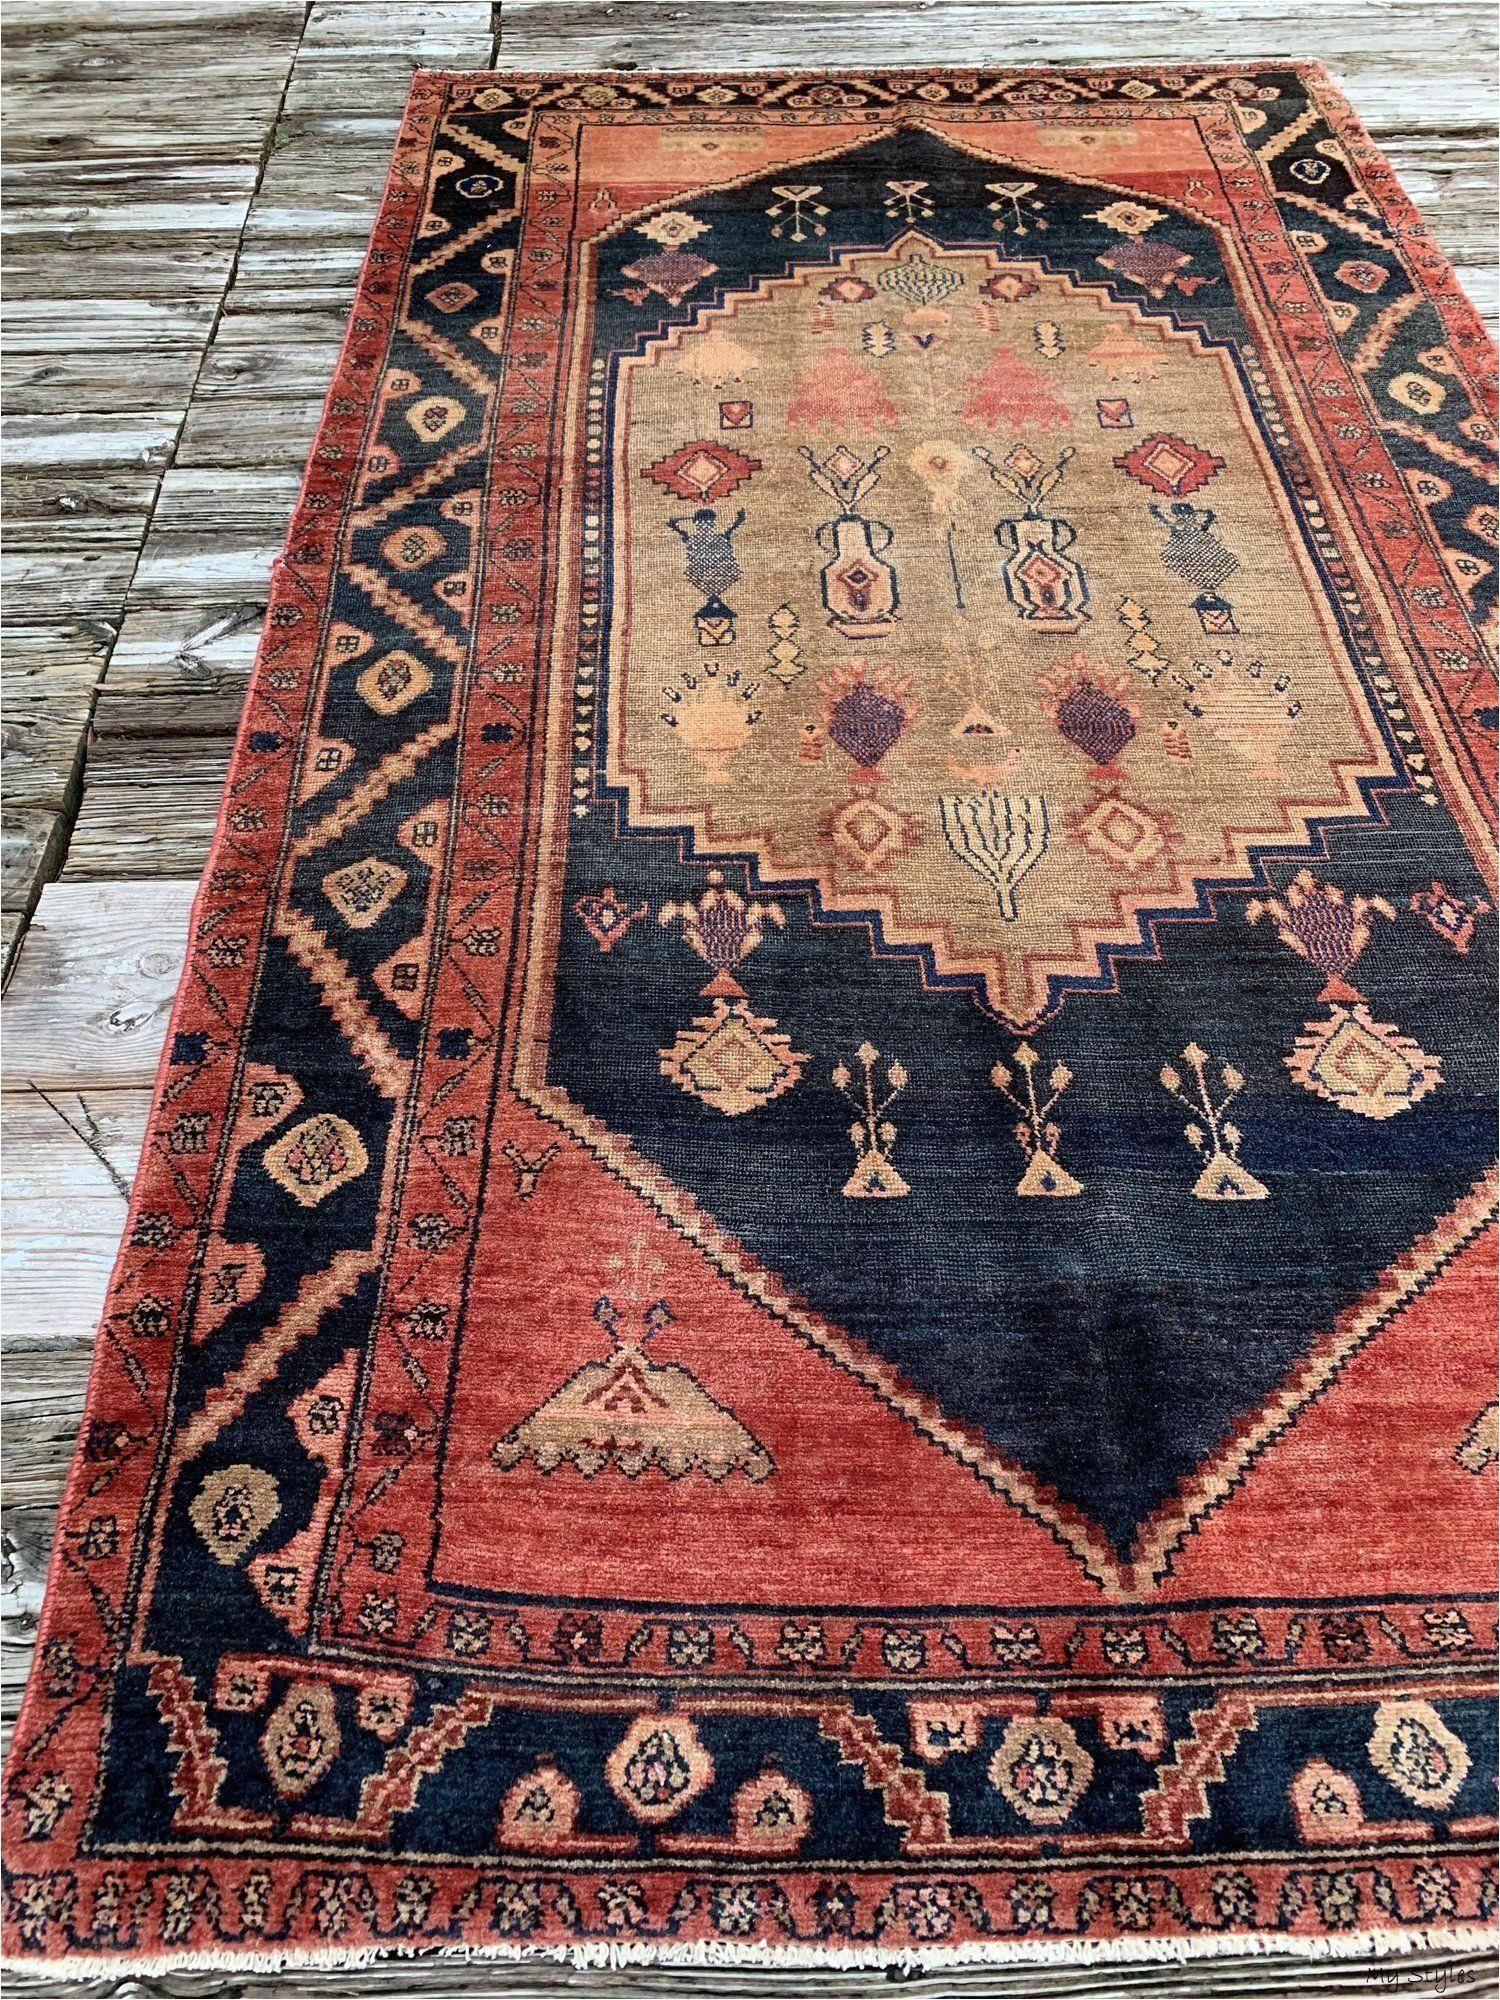 Runner Rug Stair Rug Floral Orange Kilims Oushak Rug Hall Etsy In 2020 Persian Rug Bedroom Stair Rugs Rugs